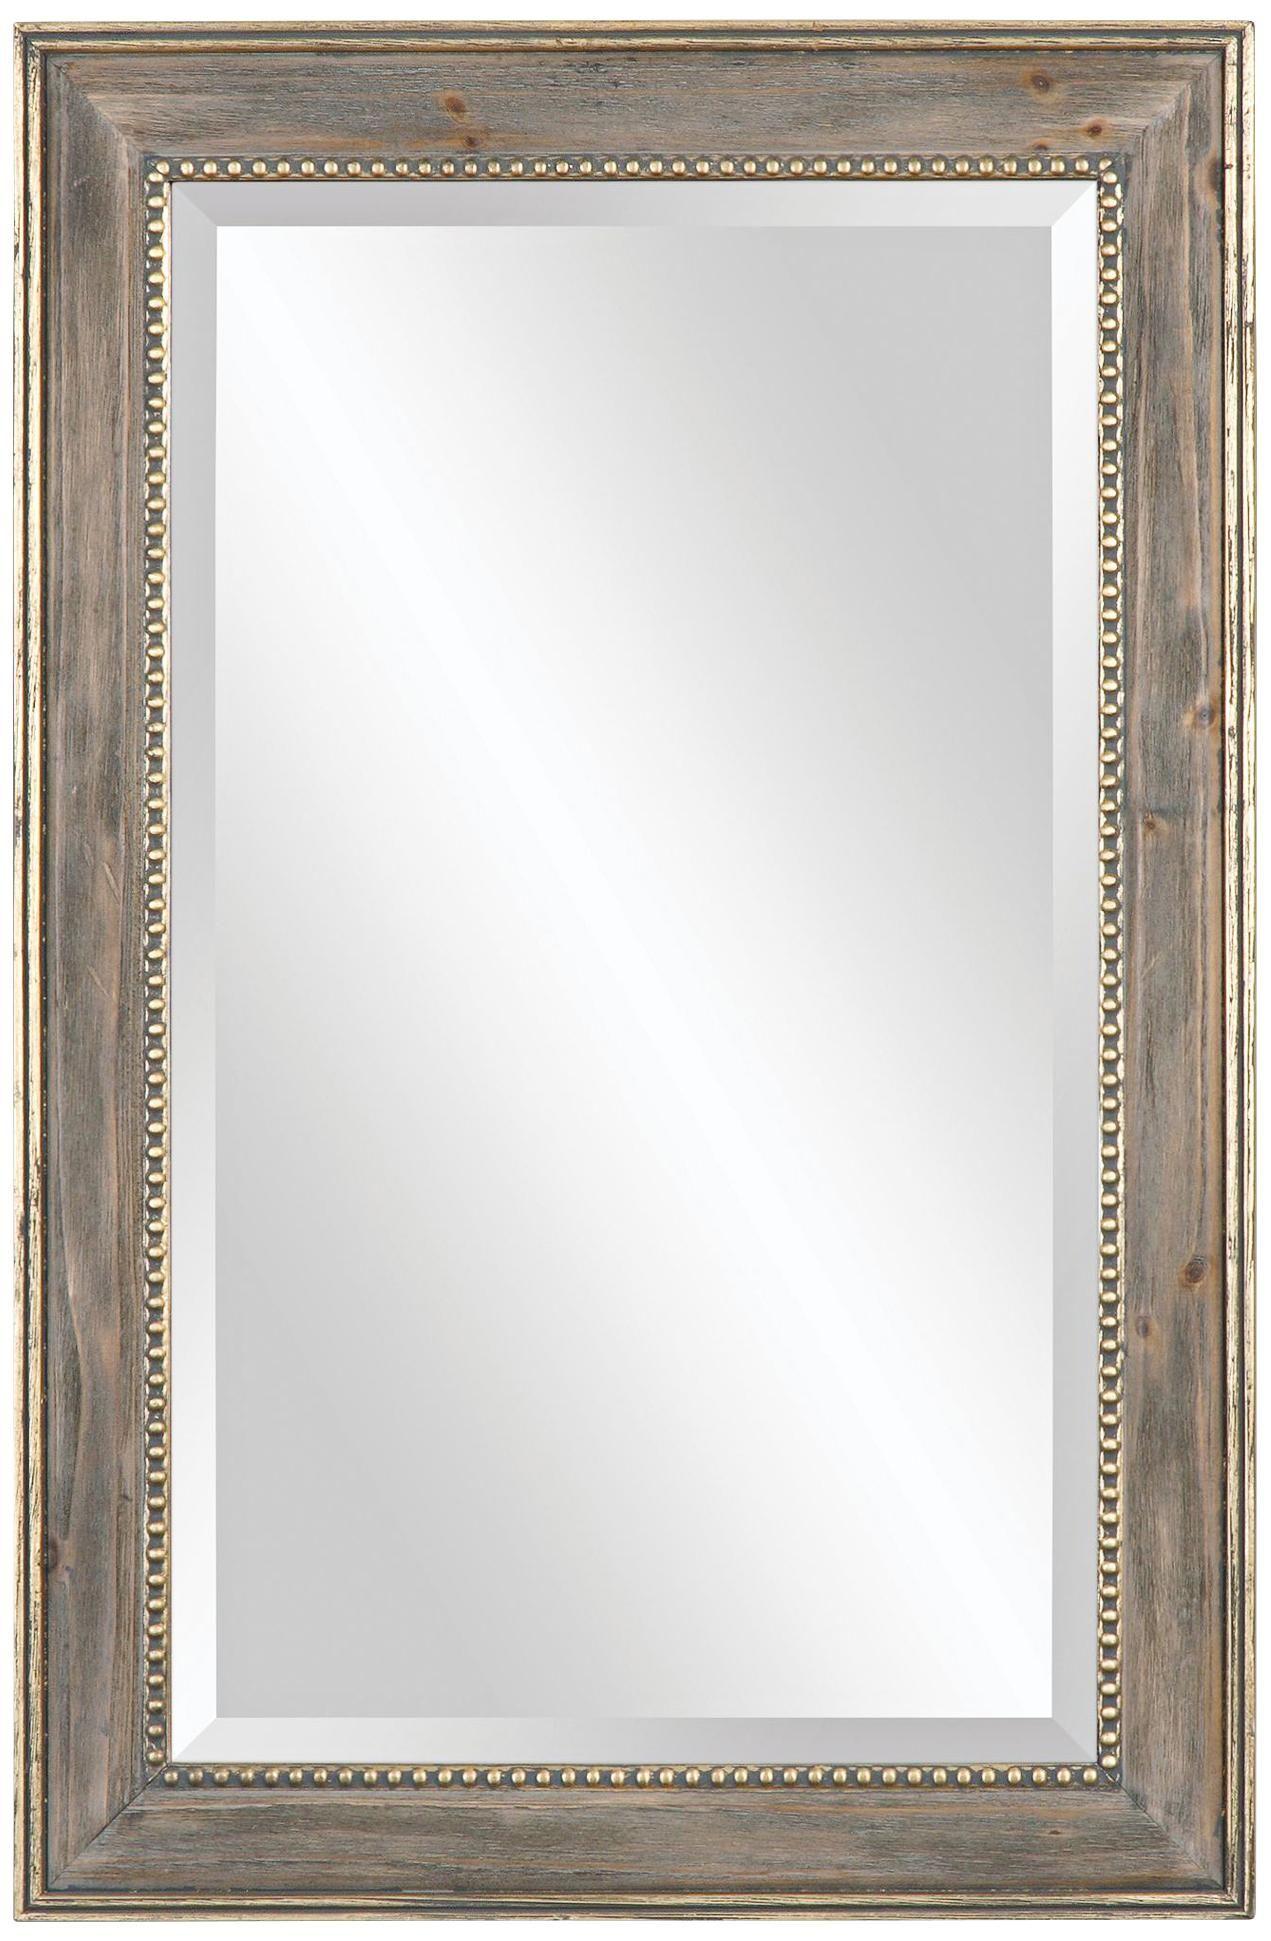 Uttermost Quintana 24 X 36 Rectangular Wall Mirror Rectangle Mirror Mirror Wall Cool Mirrors 24 x 36 framed mirrors